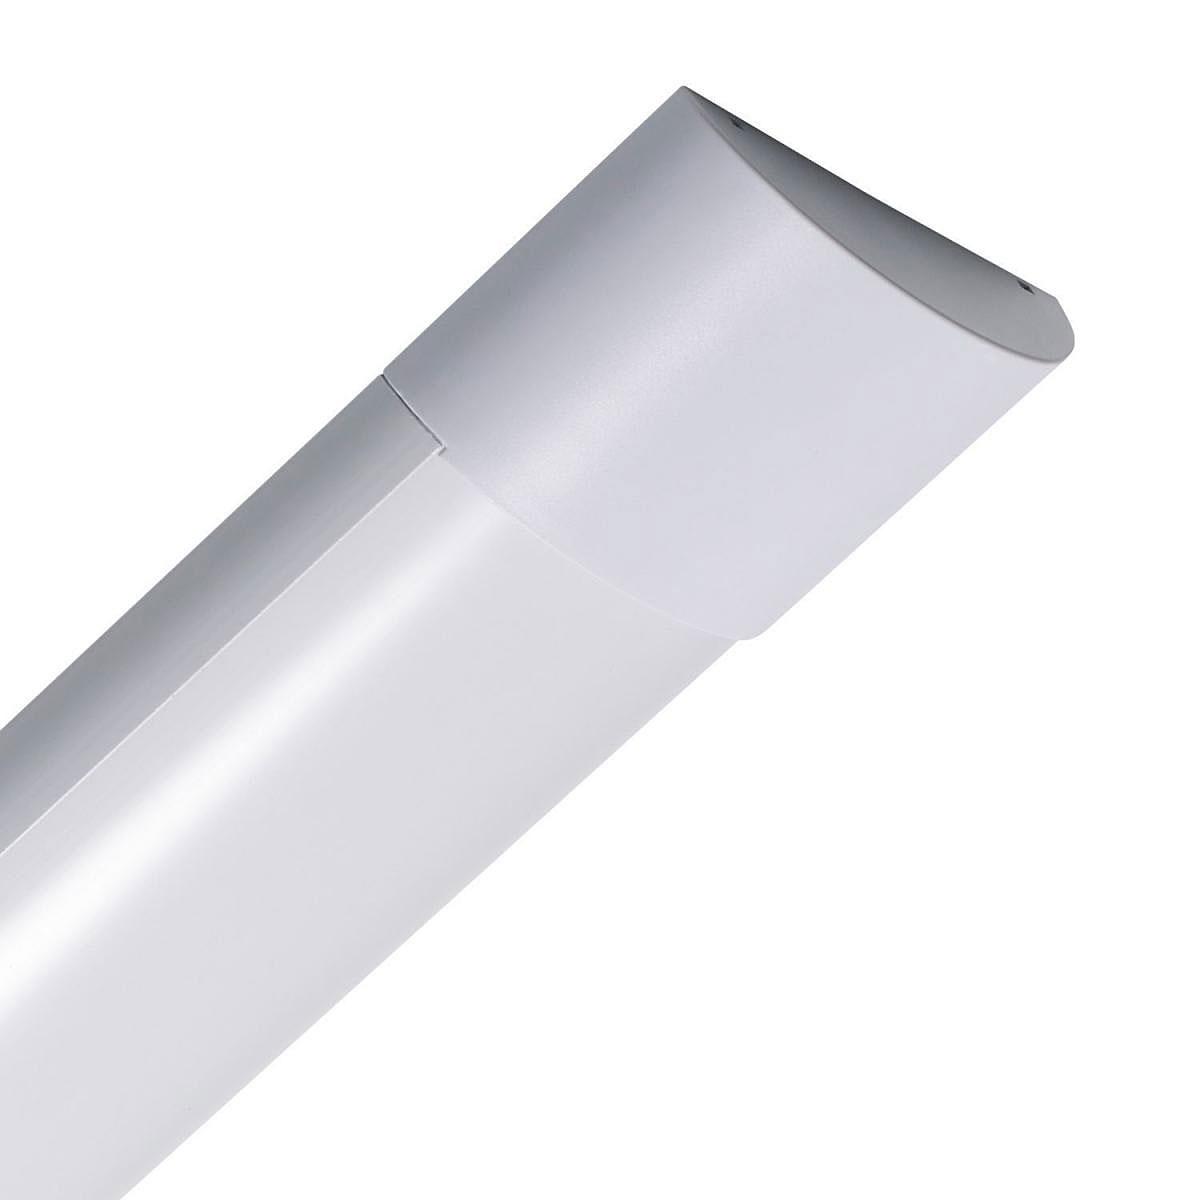 """Wandleuchten - LED Wand Deckenleuchten """"Scala DIM 90""""  - Onlineshop Hellweg"""